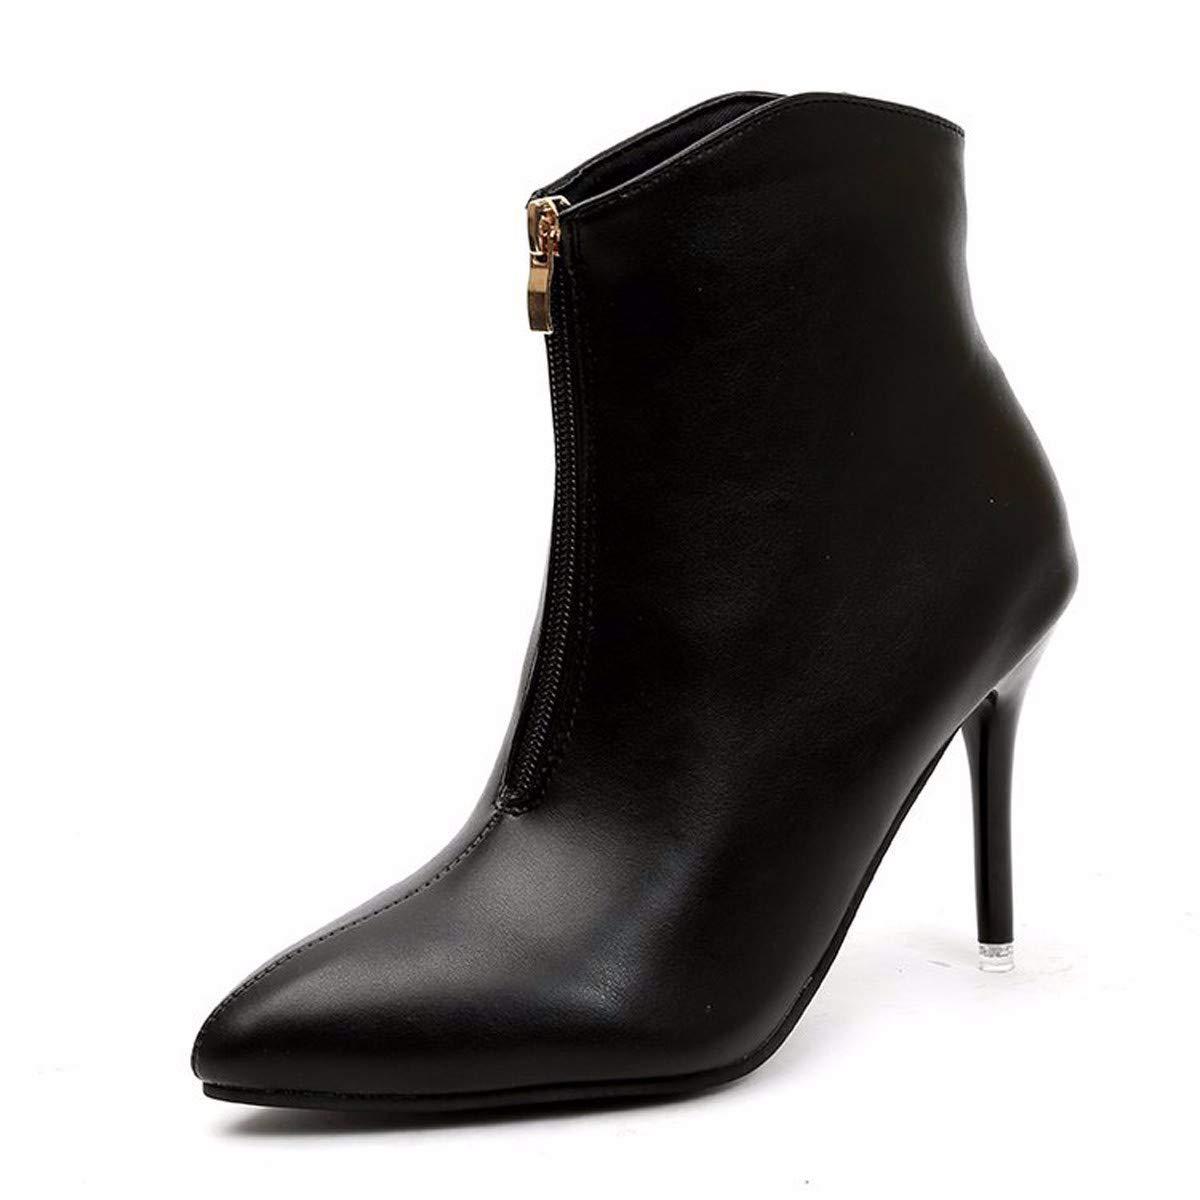 LBTSQ-Mode/Damenschuhe/Schwarz Mit Hohen 10Cm - Reißverschluss Spitzer Kopf Samt Warm Schön Bei Fuß Single - Stiefel.